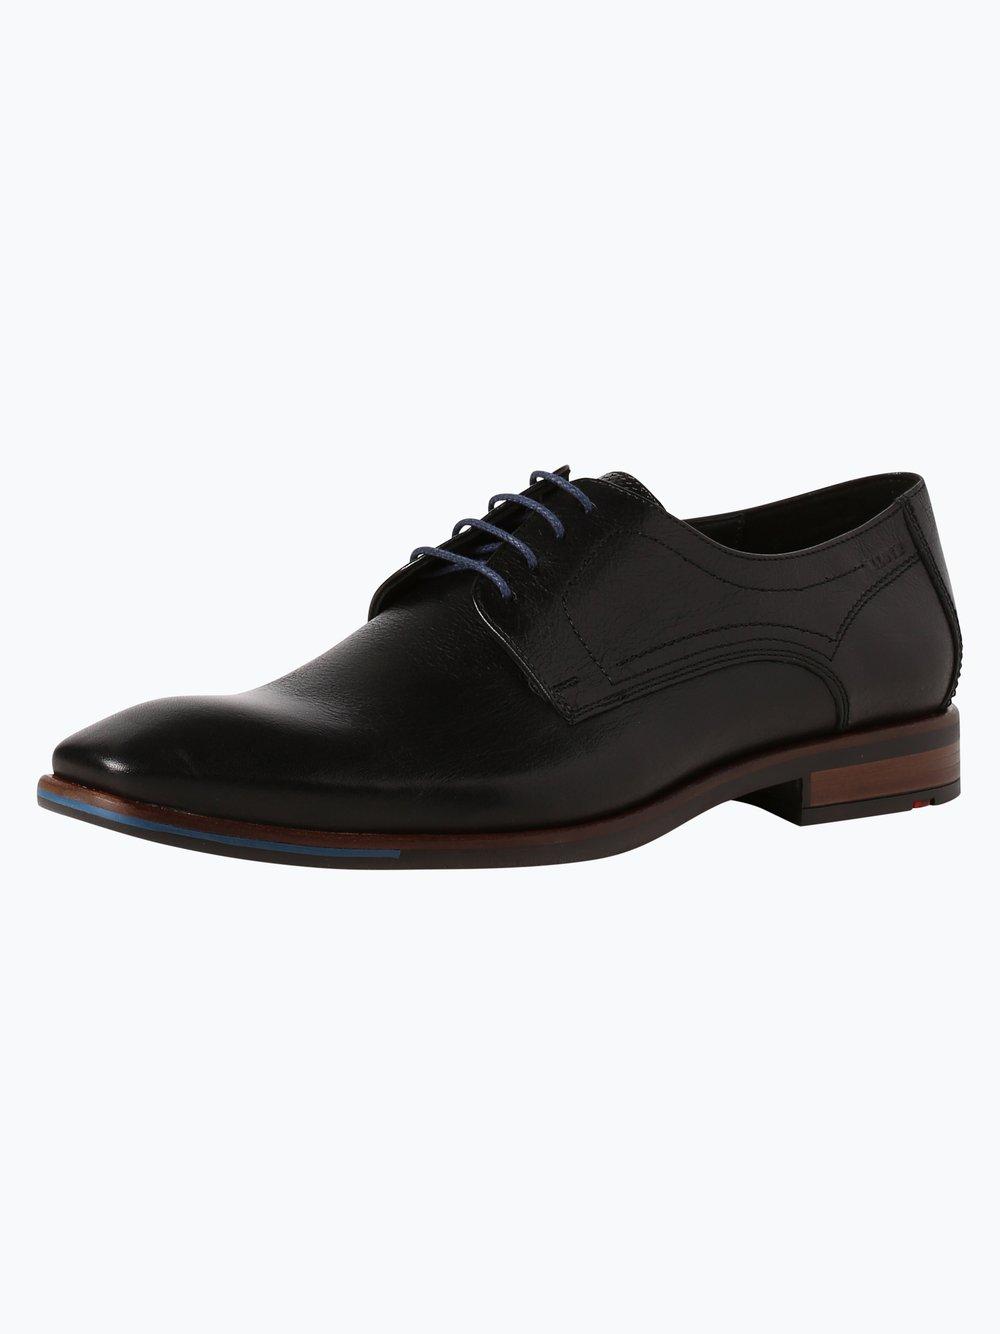 Lloyd - Męskie buty sznurowane ze skóry – Don, czarny